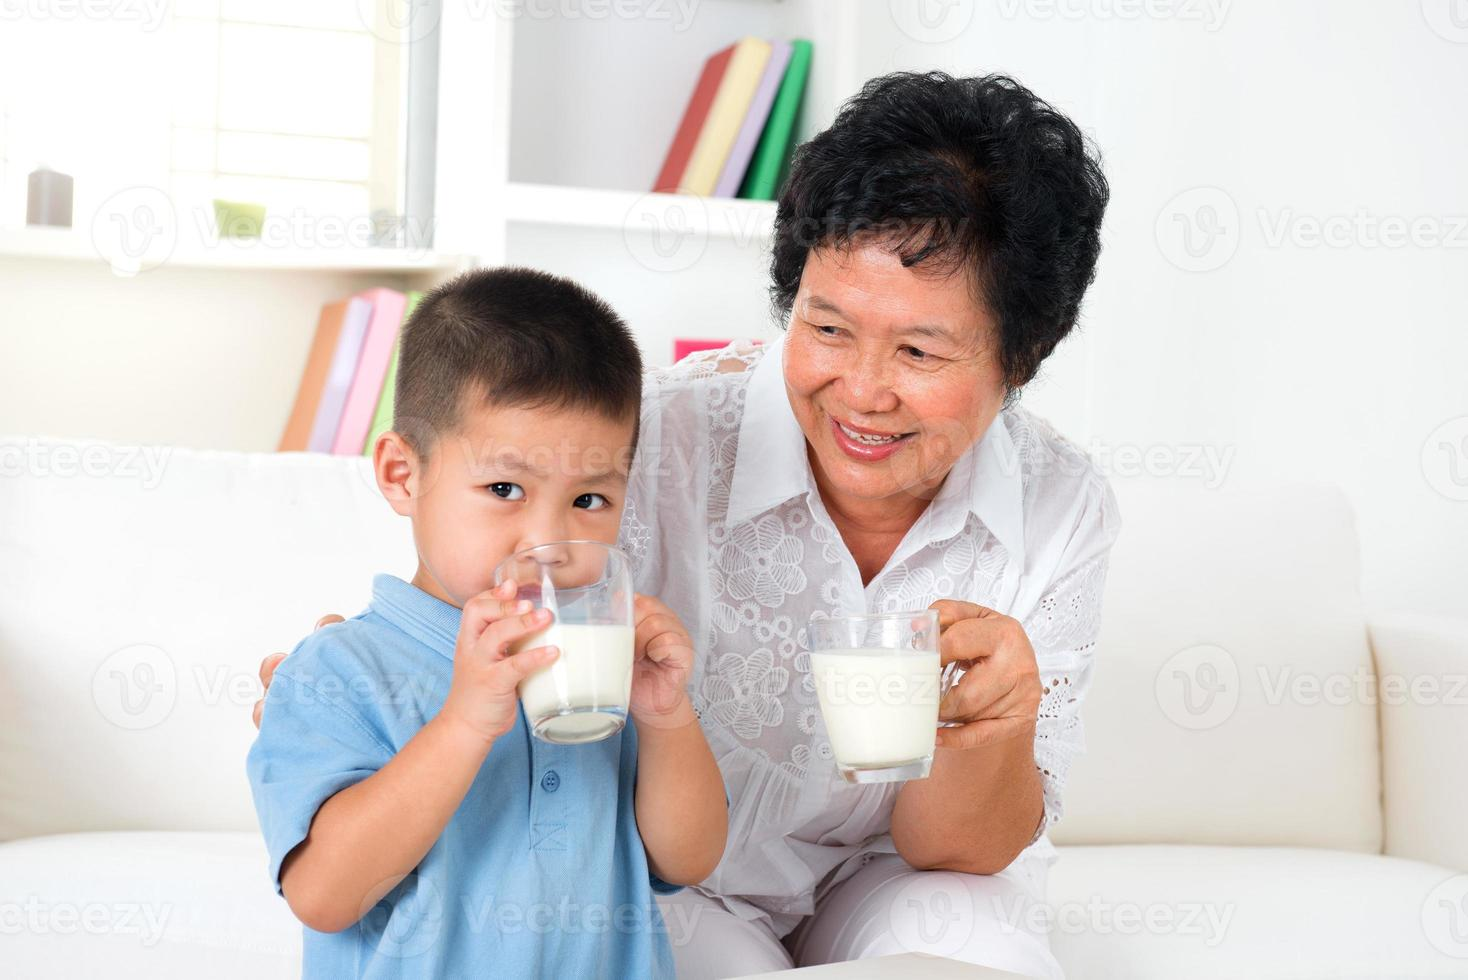 boire du lait ensemble photo